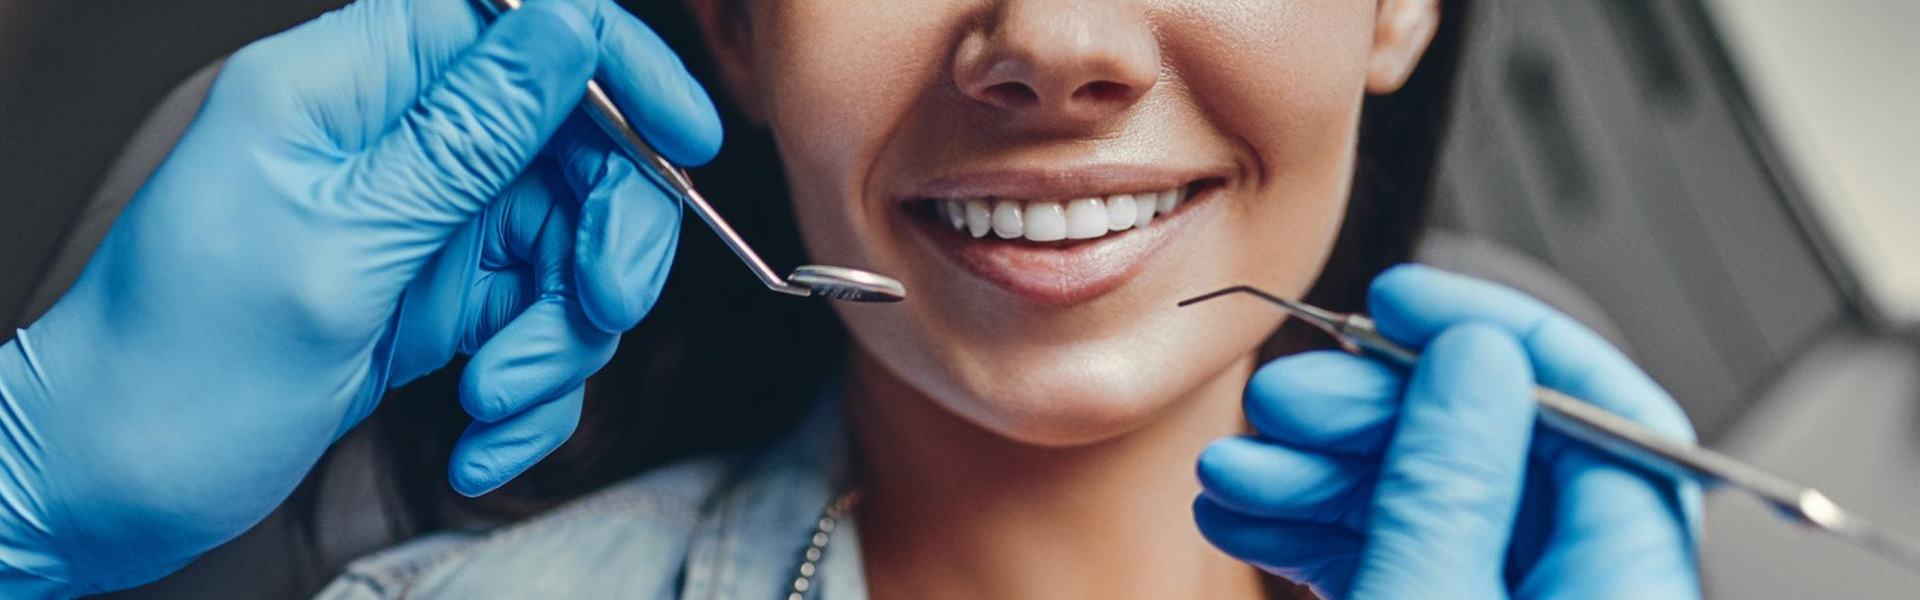 Продвижение стоматологии